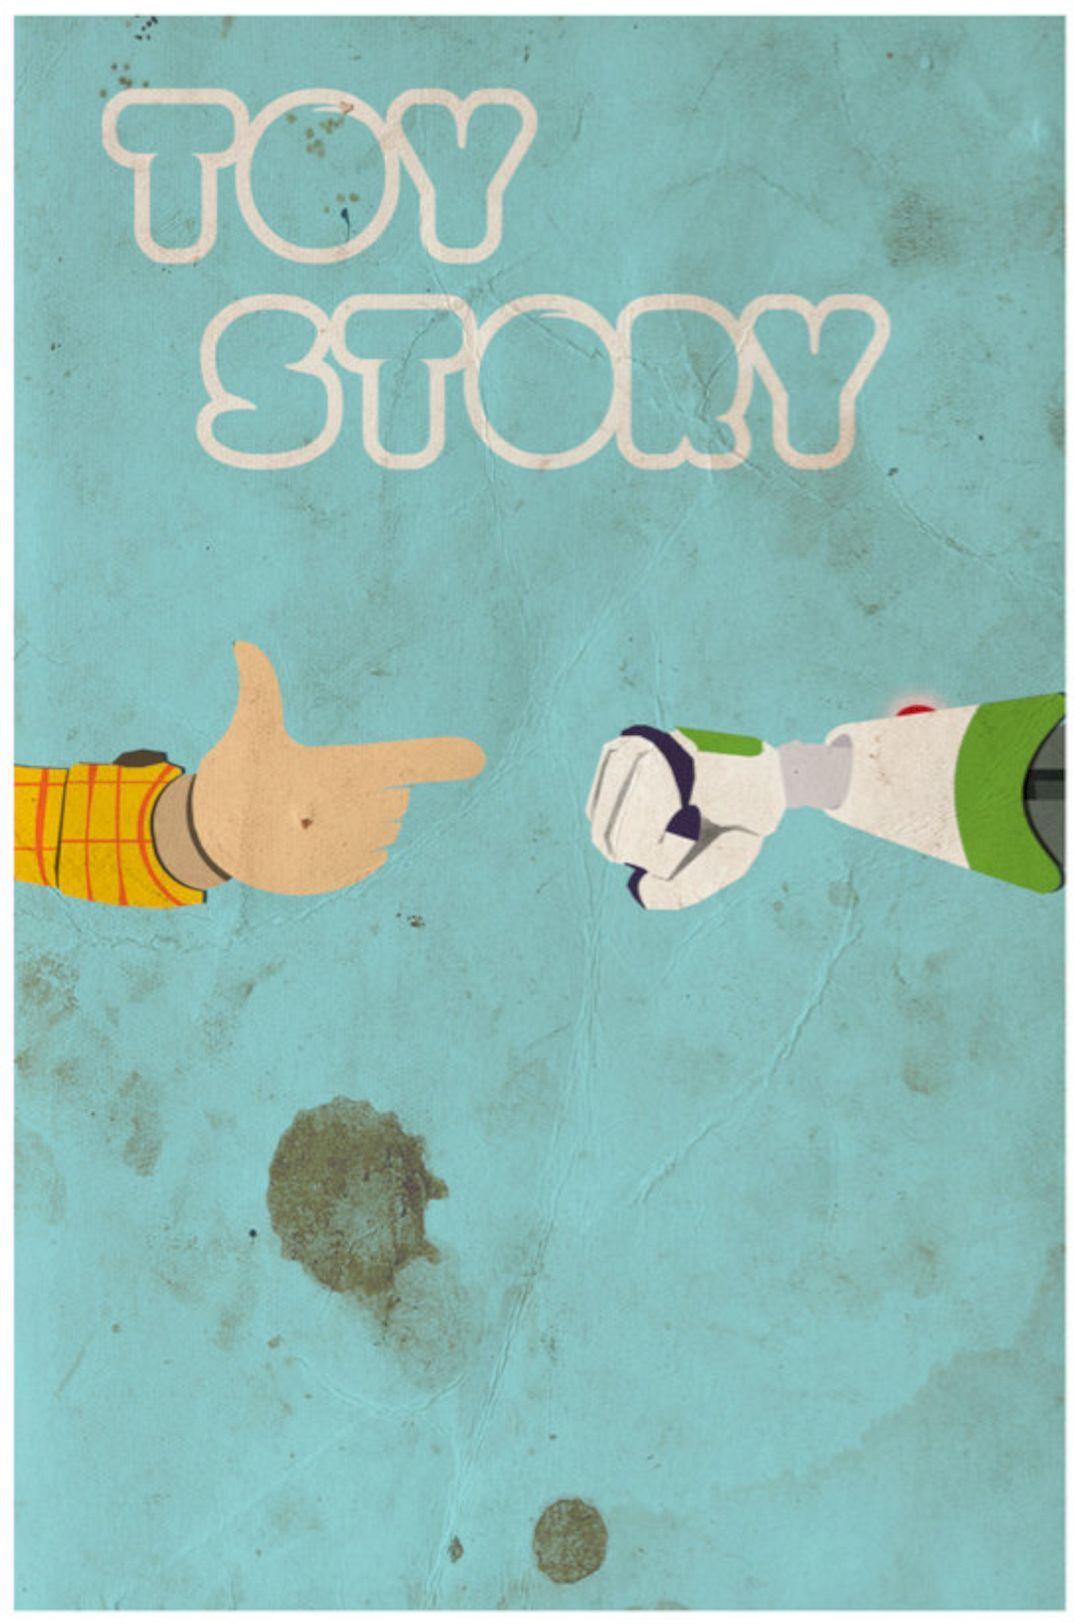 Poster design tumblr - Beautiful Retro Poster Design Ideas Https Www Designlisticle Com Retro